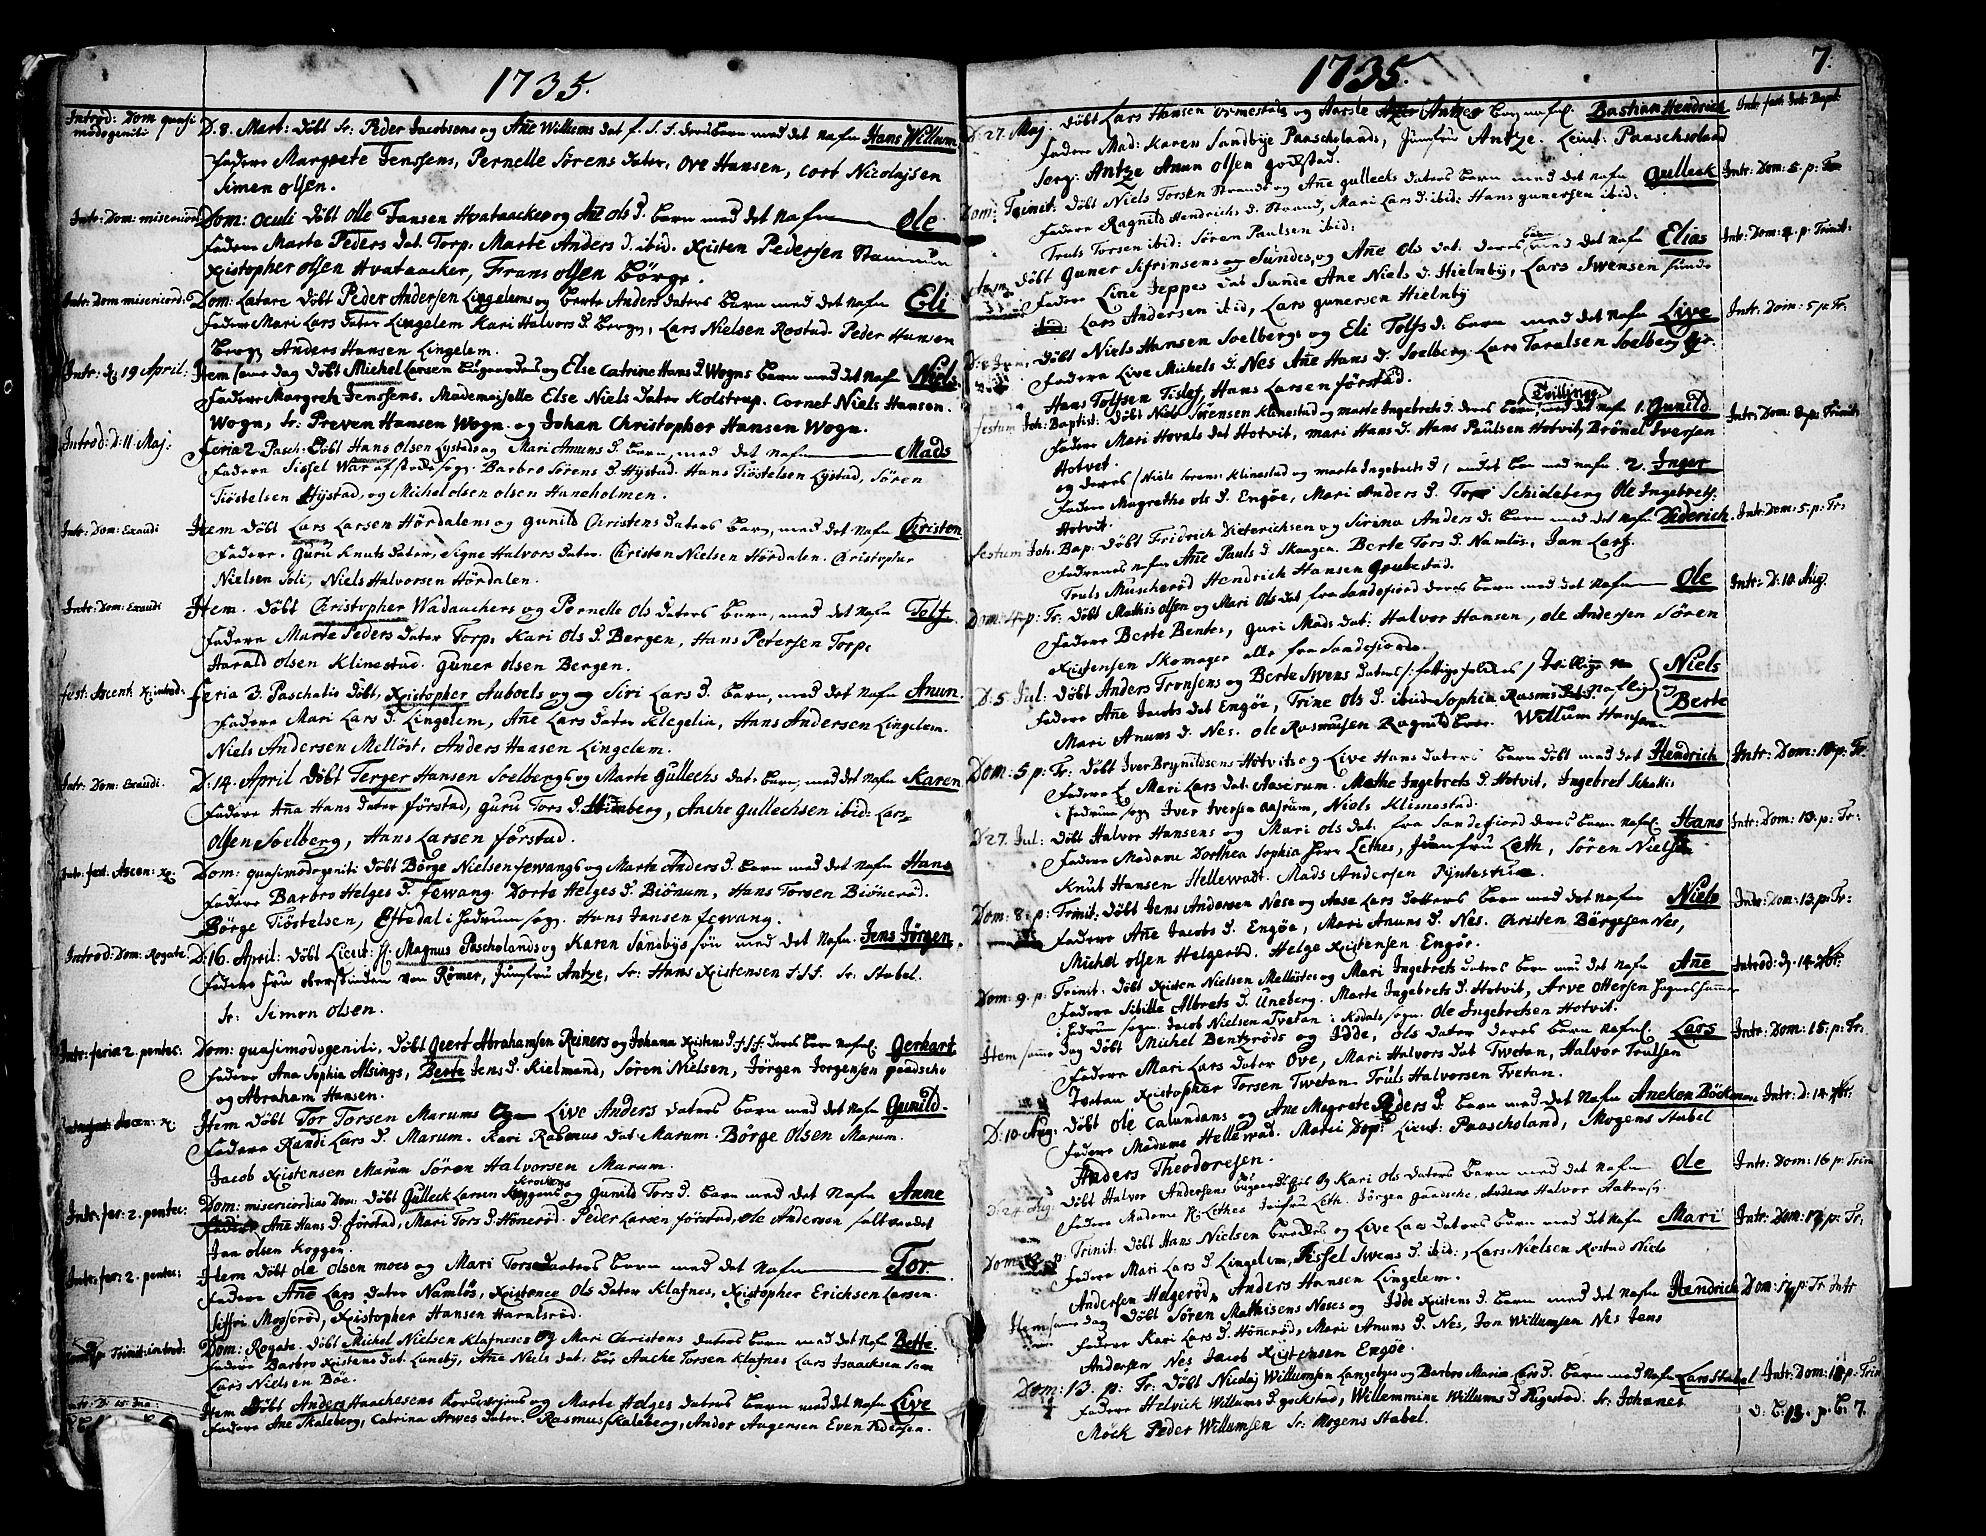 SAKO, Sandar kirkebøker, F/Fa/L0002: Ministerialbok nr. 2, 1733-1788, s. 7